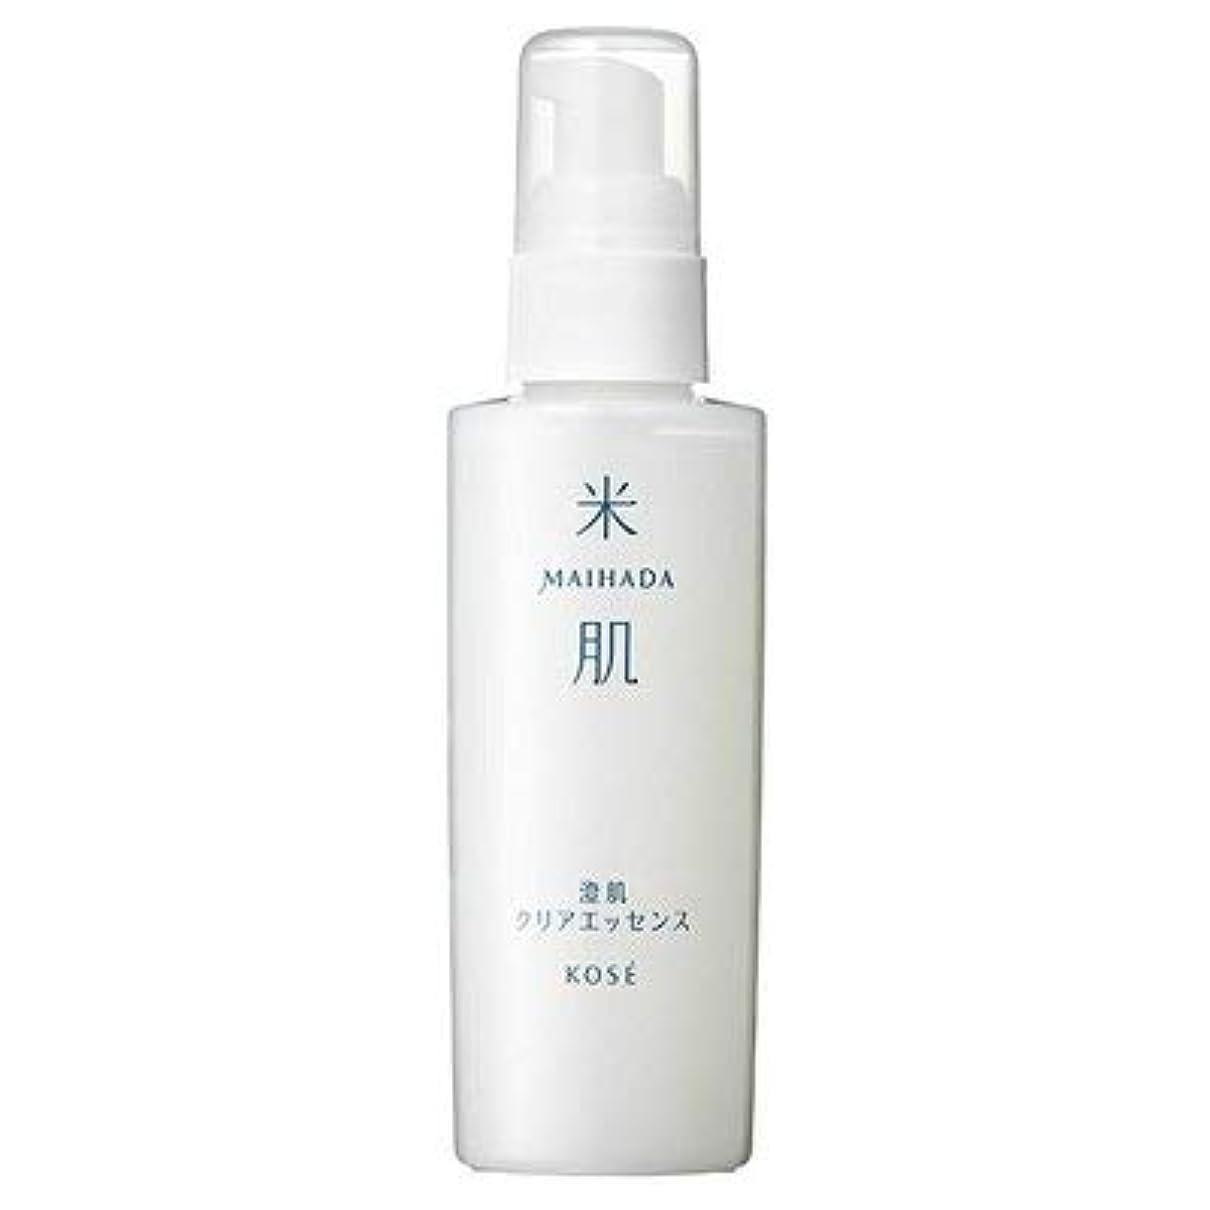 米肌 澄肌クリアエッセンス(本体/無香料) 美容液